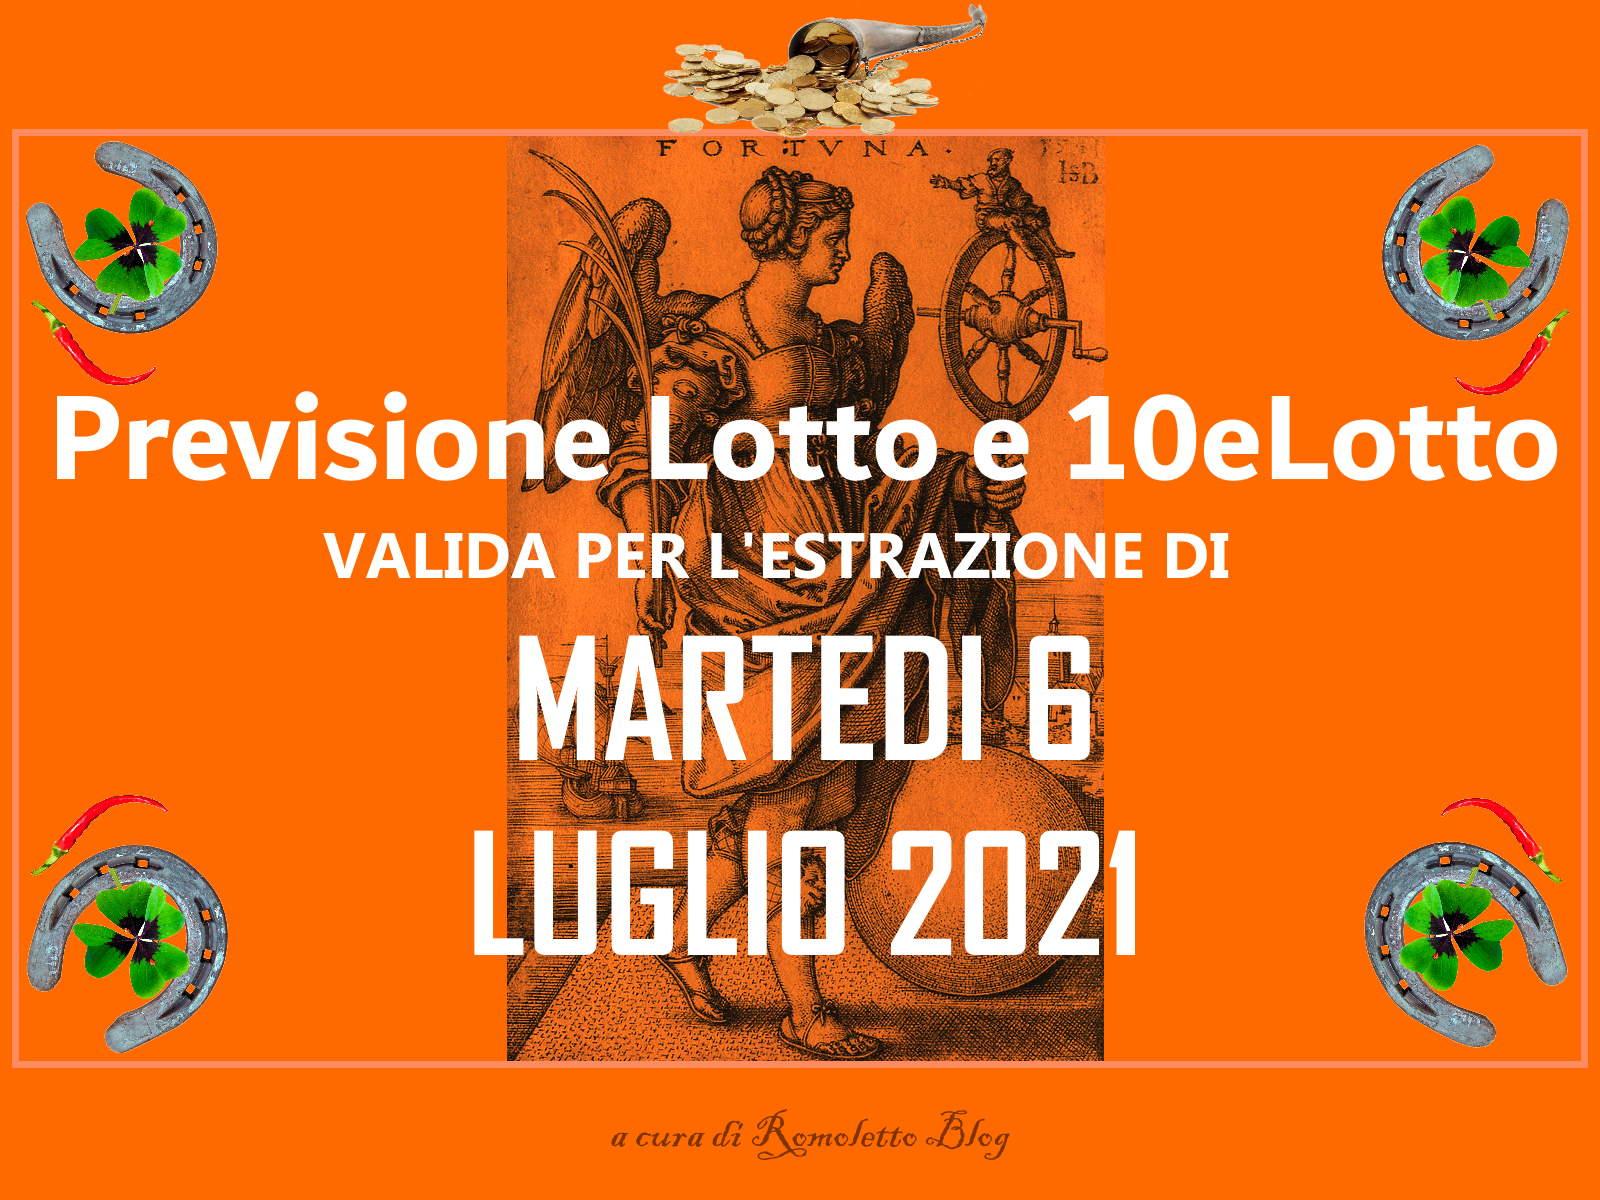 Previsione Lotto 6 Luglio 2021